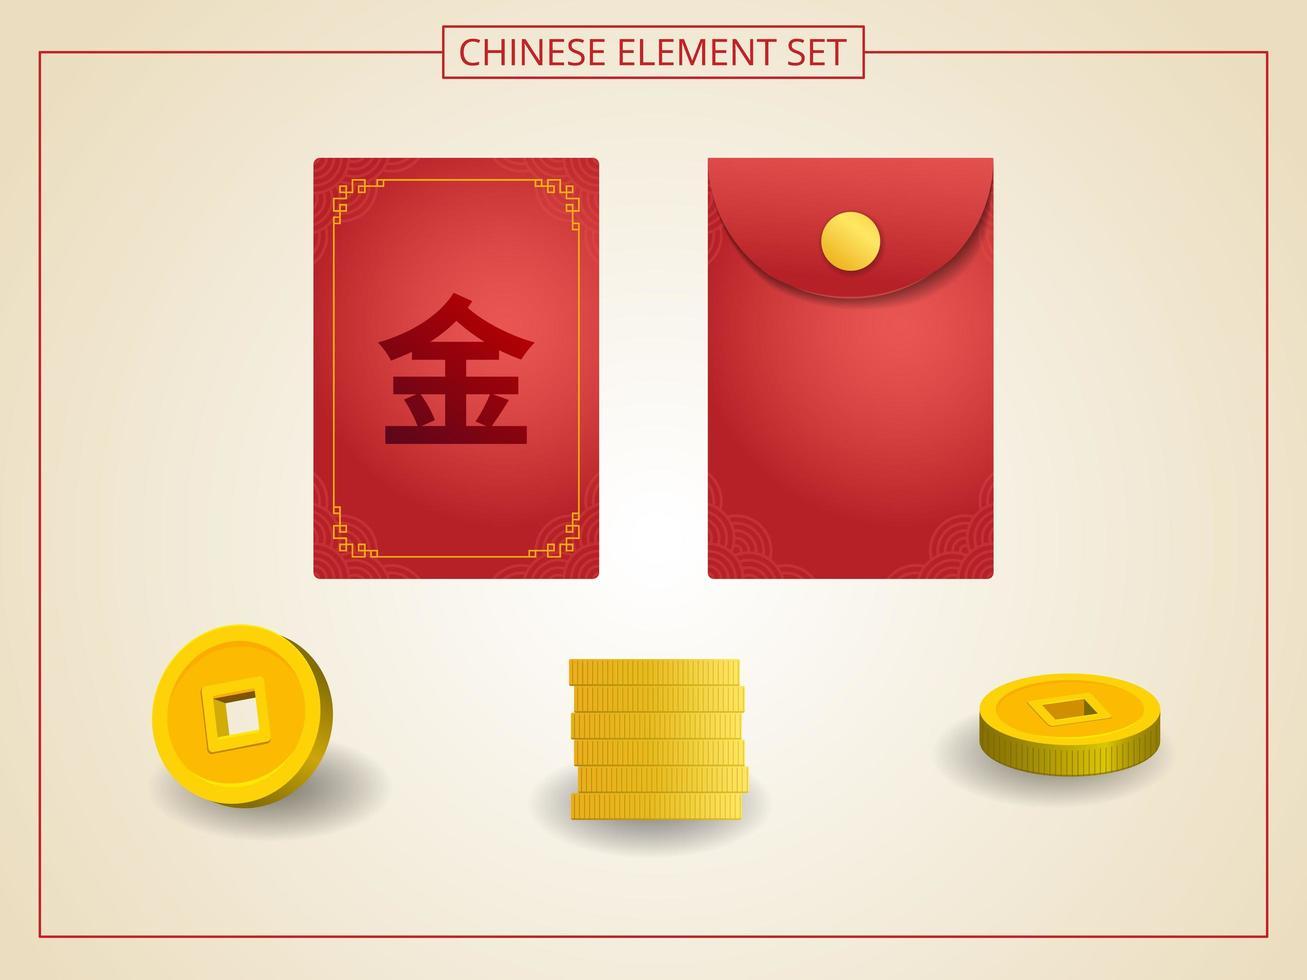 chinese angpao rode kleur met gouden munten in papierstijl vector